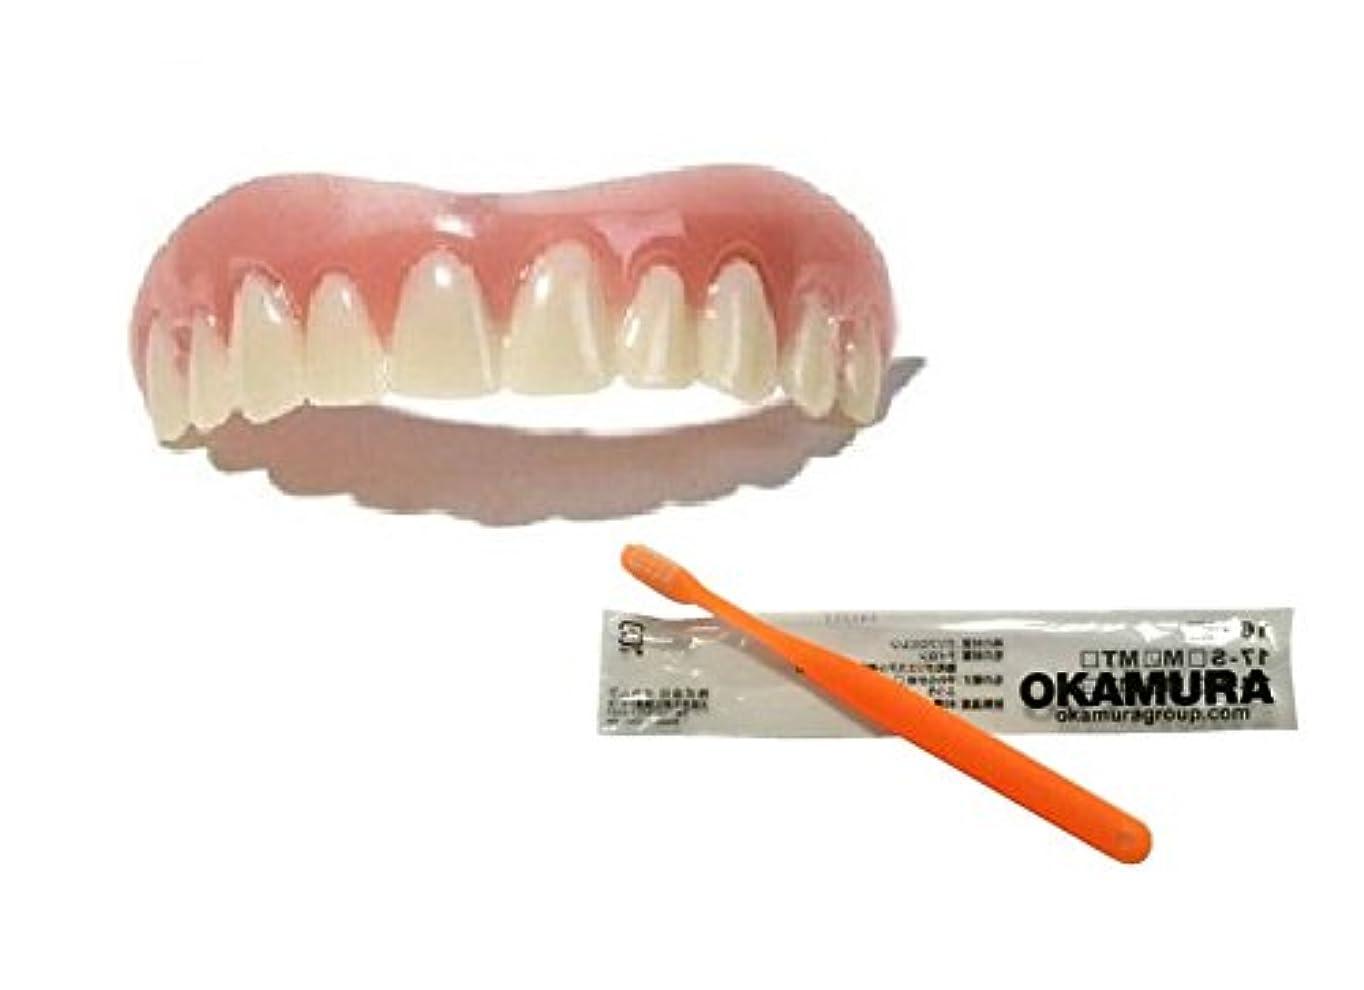 周辺サンダルアルカトラズ島インスタントスマイル 上歯用 Mサイズ + OKAMURA 歯科医推奨歯ブラシ セット